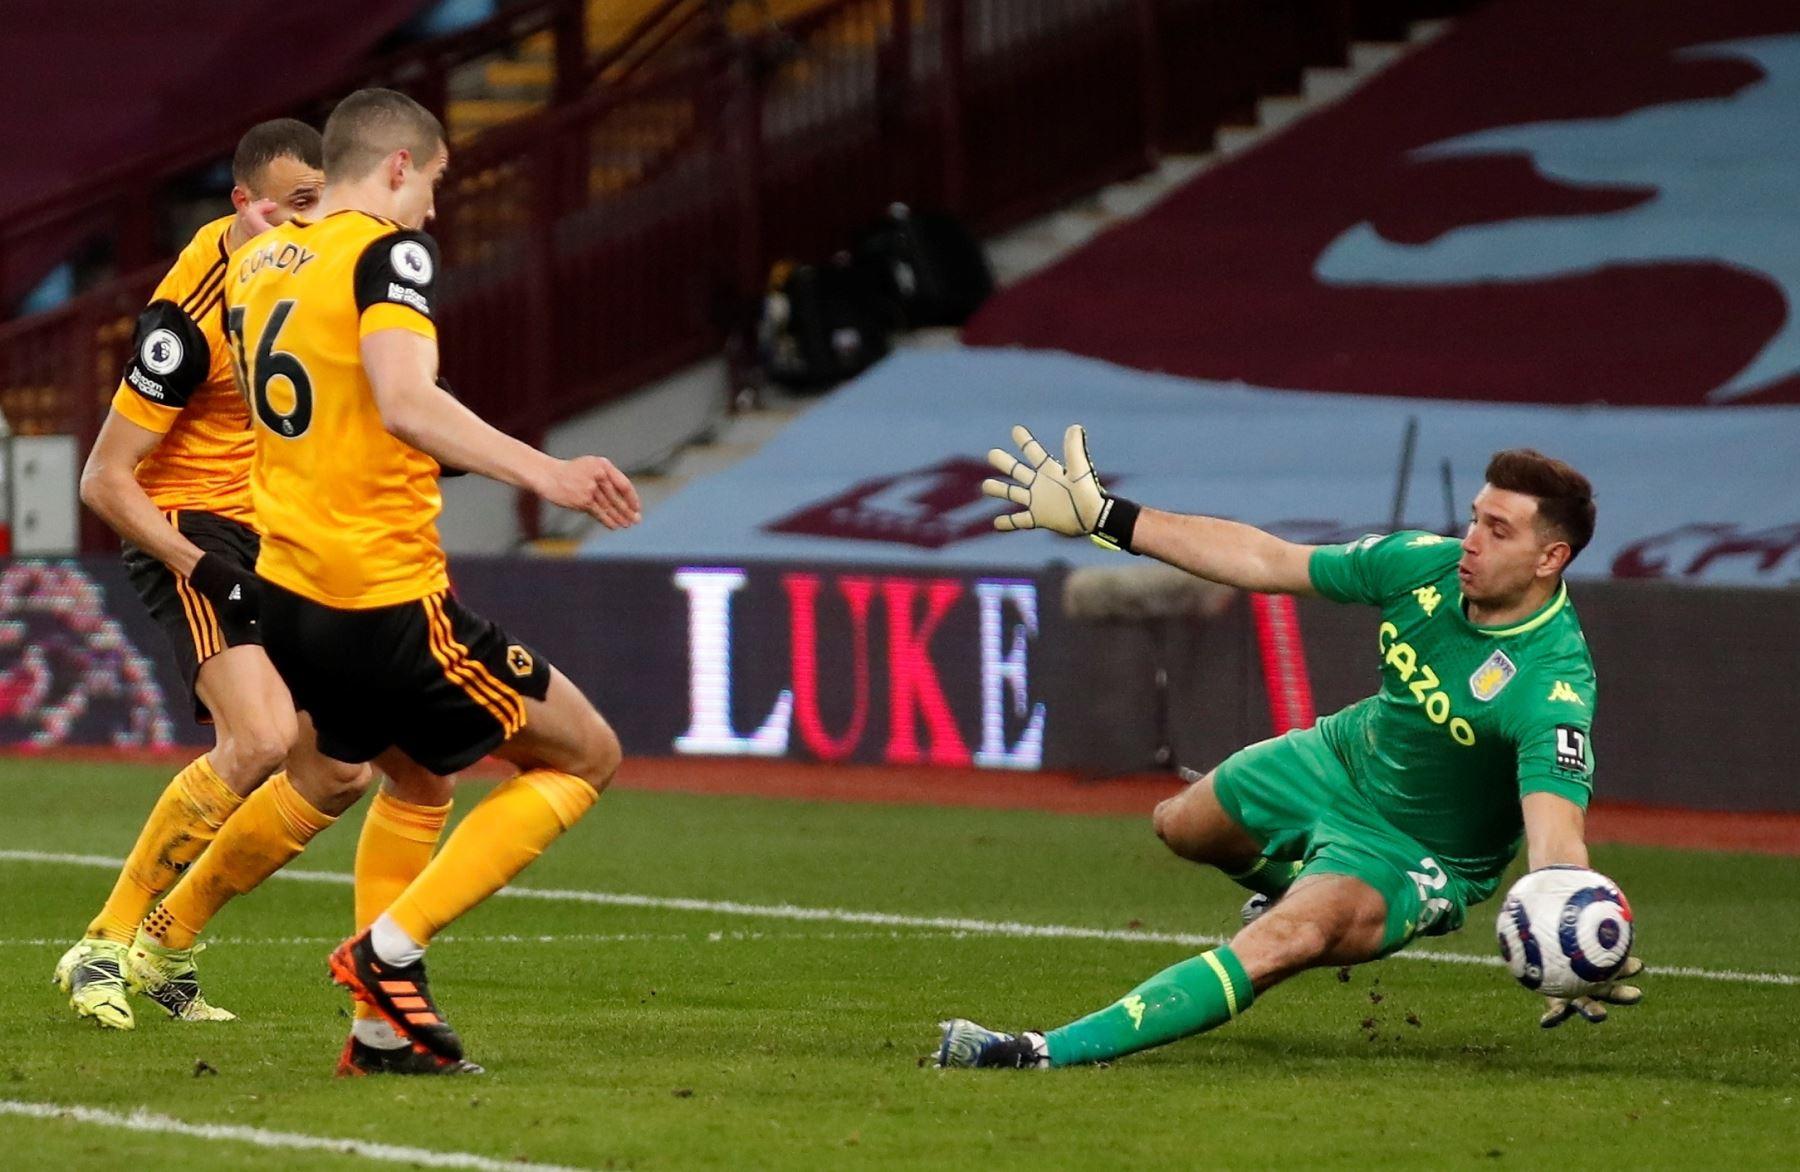 El portero del Aston Villa Emiliano Martinez  guarda en acción contra Conor Coady de Wolverhampton durante el partido de fútbol de la Premier League inglesa entre Aston Villa y Wolverhampton Wanderers. Foto: EFE